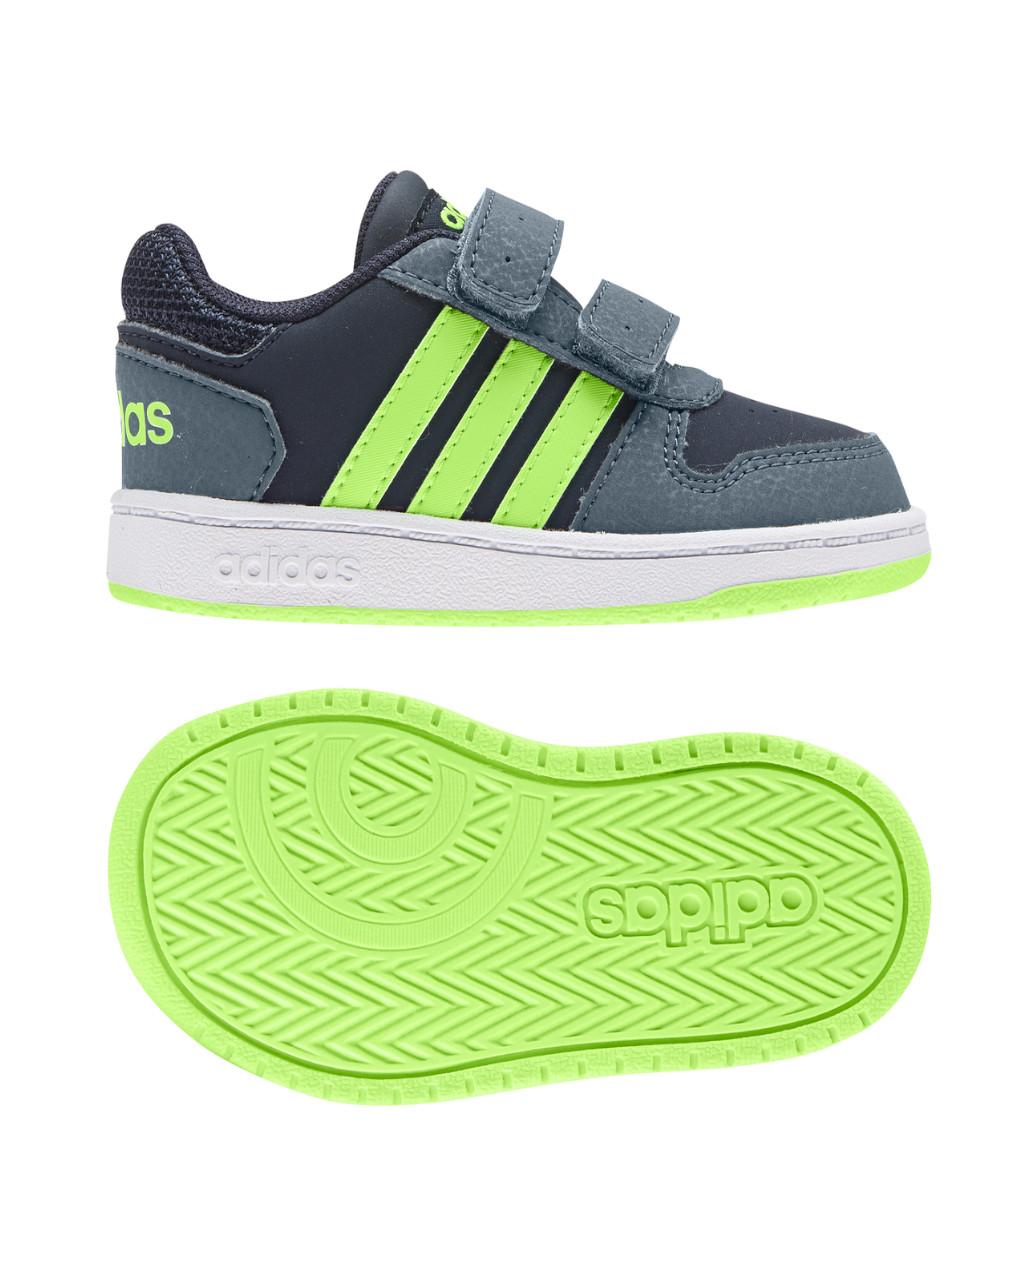 Adidas sneaker bimbo chiusura a strappo - Adidas